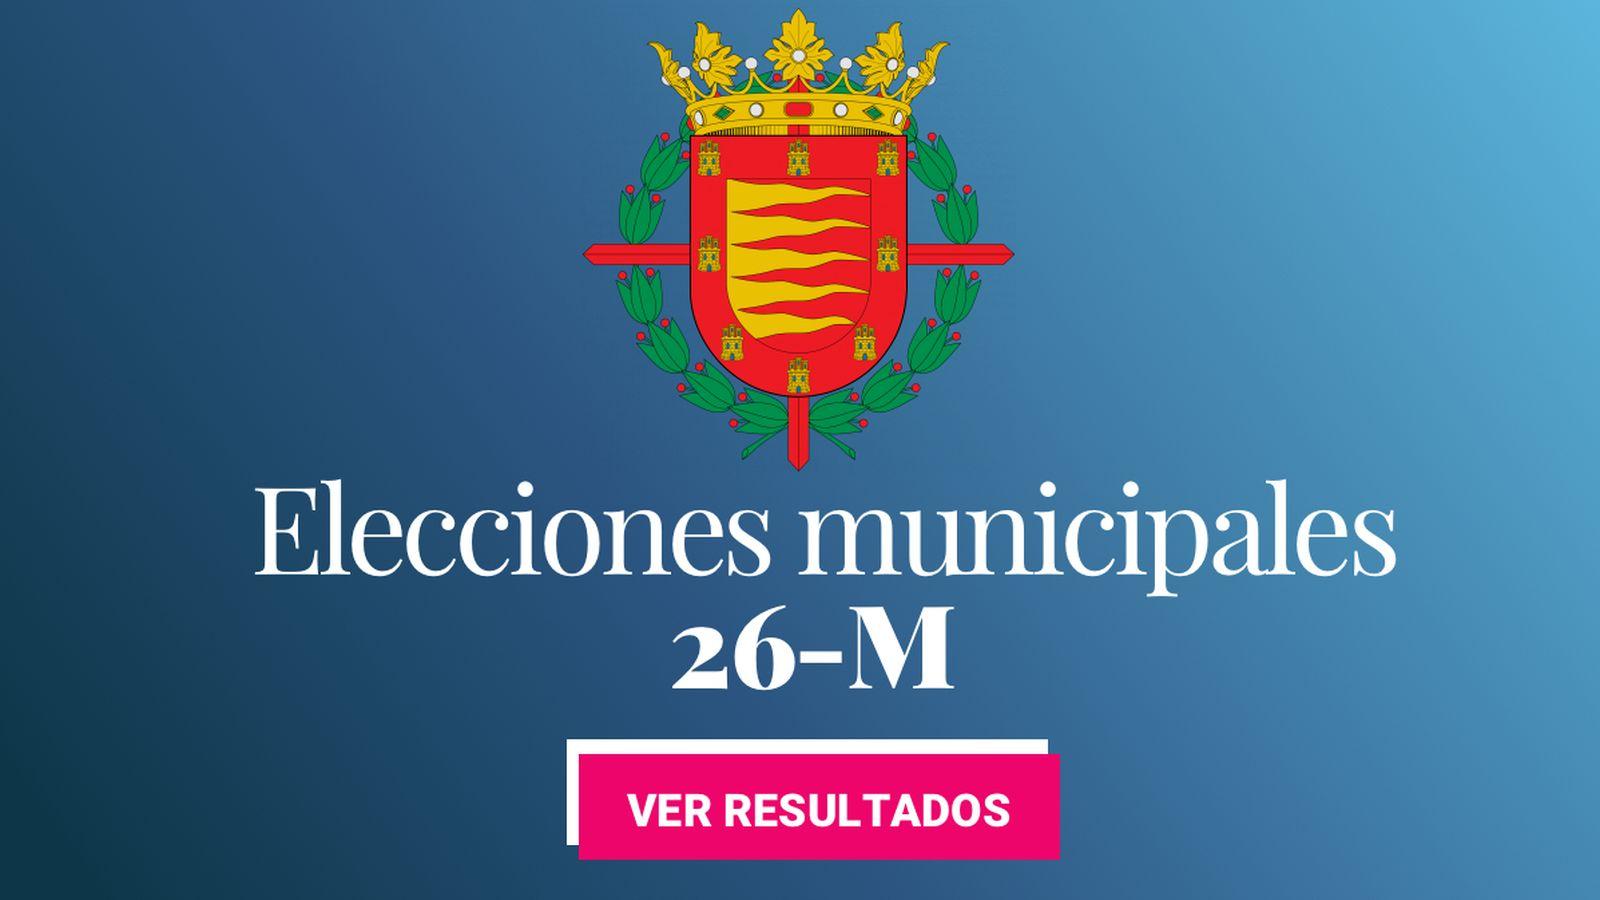 Foto: Elecciones municipales 2019 en Valladolid. (C.C./EC)